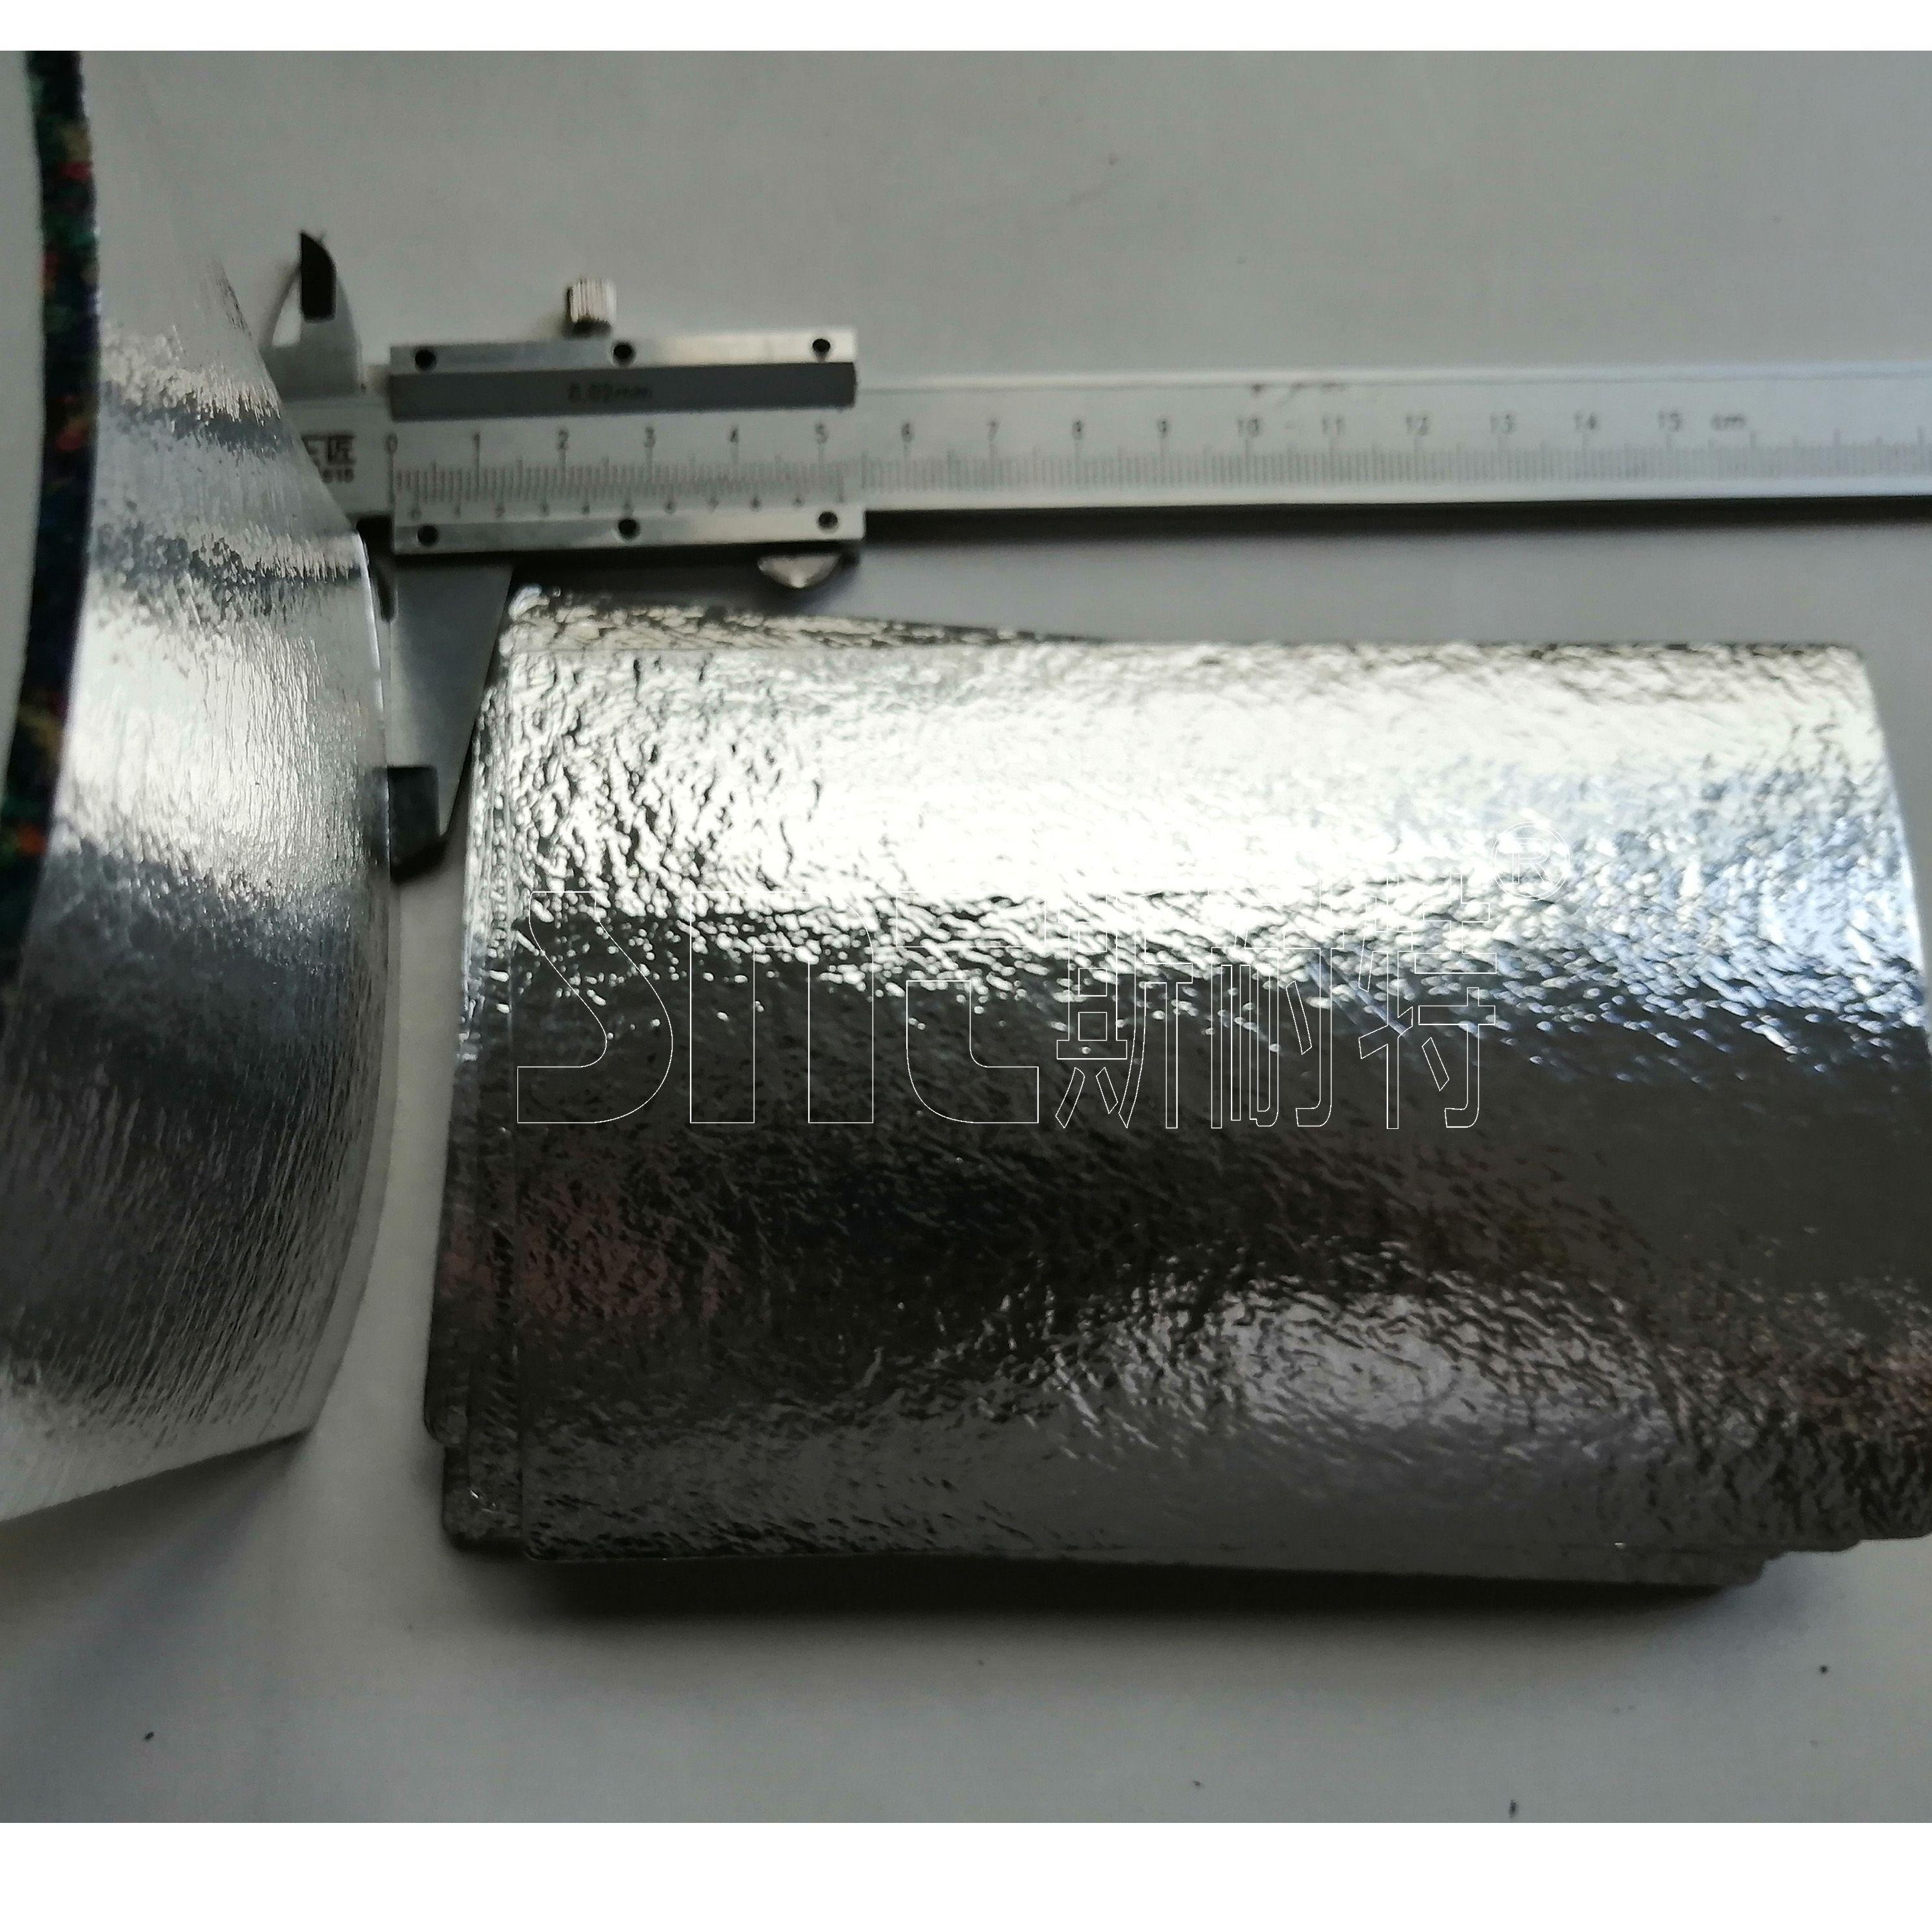 3mm聚氨酯橡膠隔音墊+鋁膜款 斯耐特 止震隔音墊 橡膠隔音墊配方設計